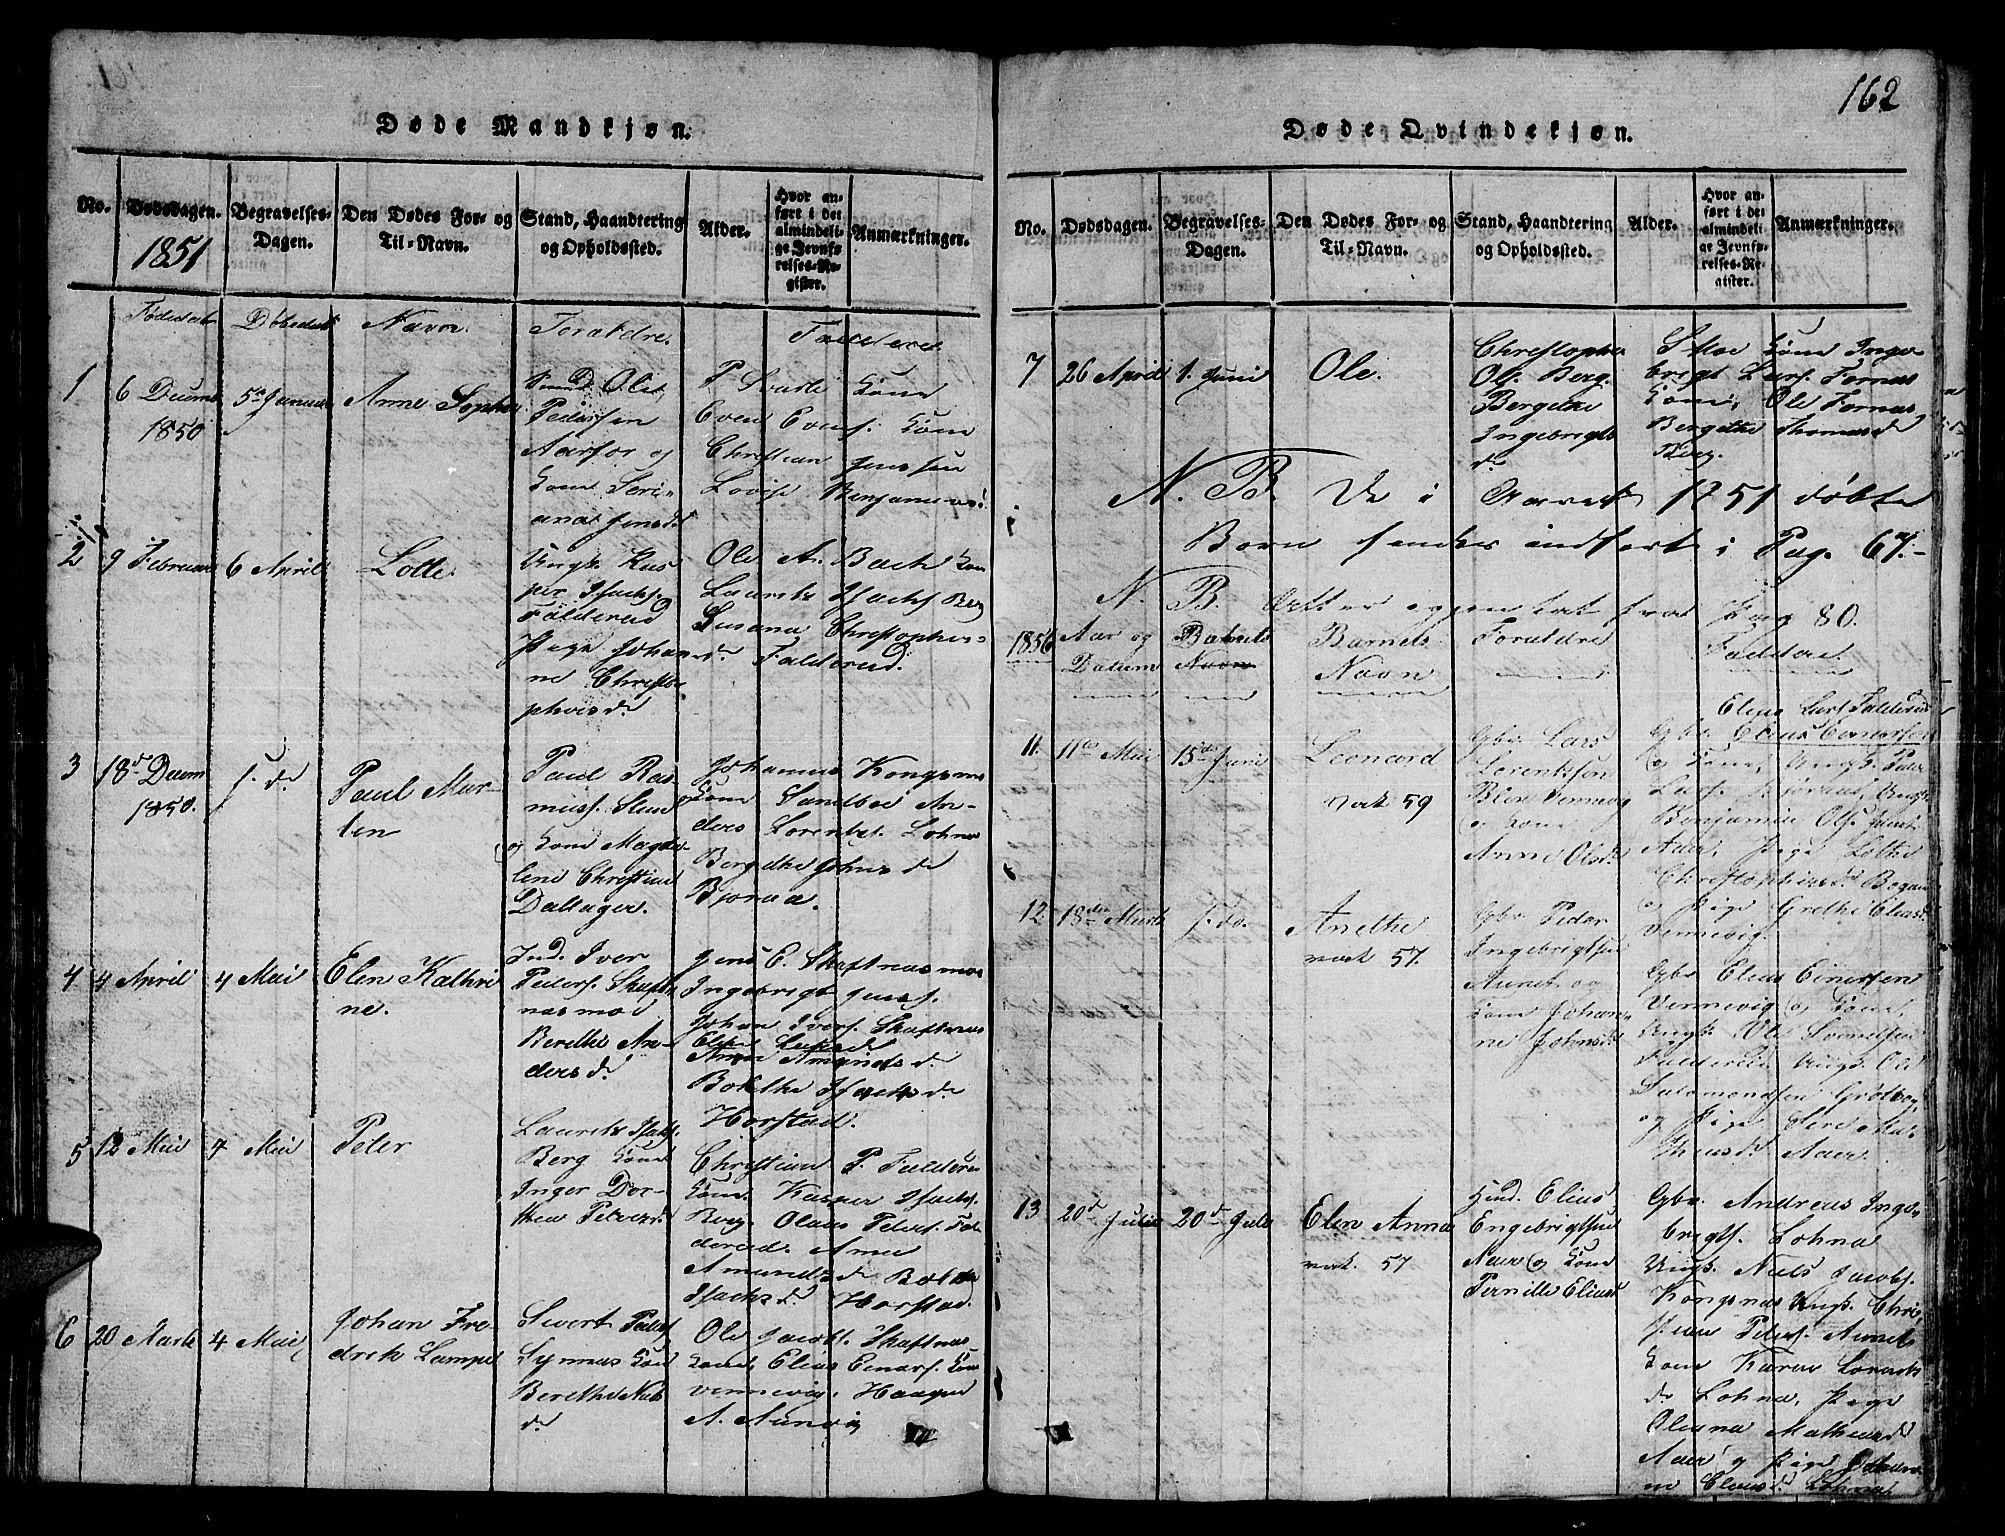 SAT, Ministerialprotokoller, klokkerbøker og fødselsregistre - Nord-Trøndelag, 780/L0648: Klokkerbok nr. 780C01 /3, 1815-1877, s. 162